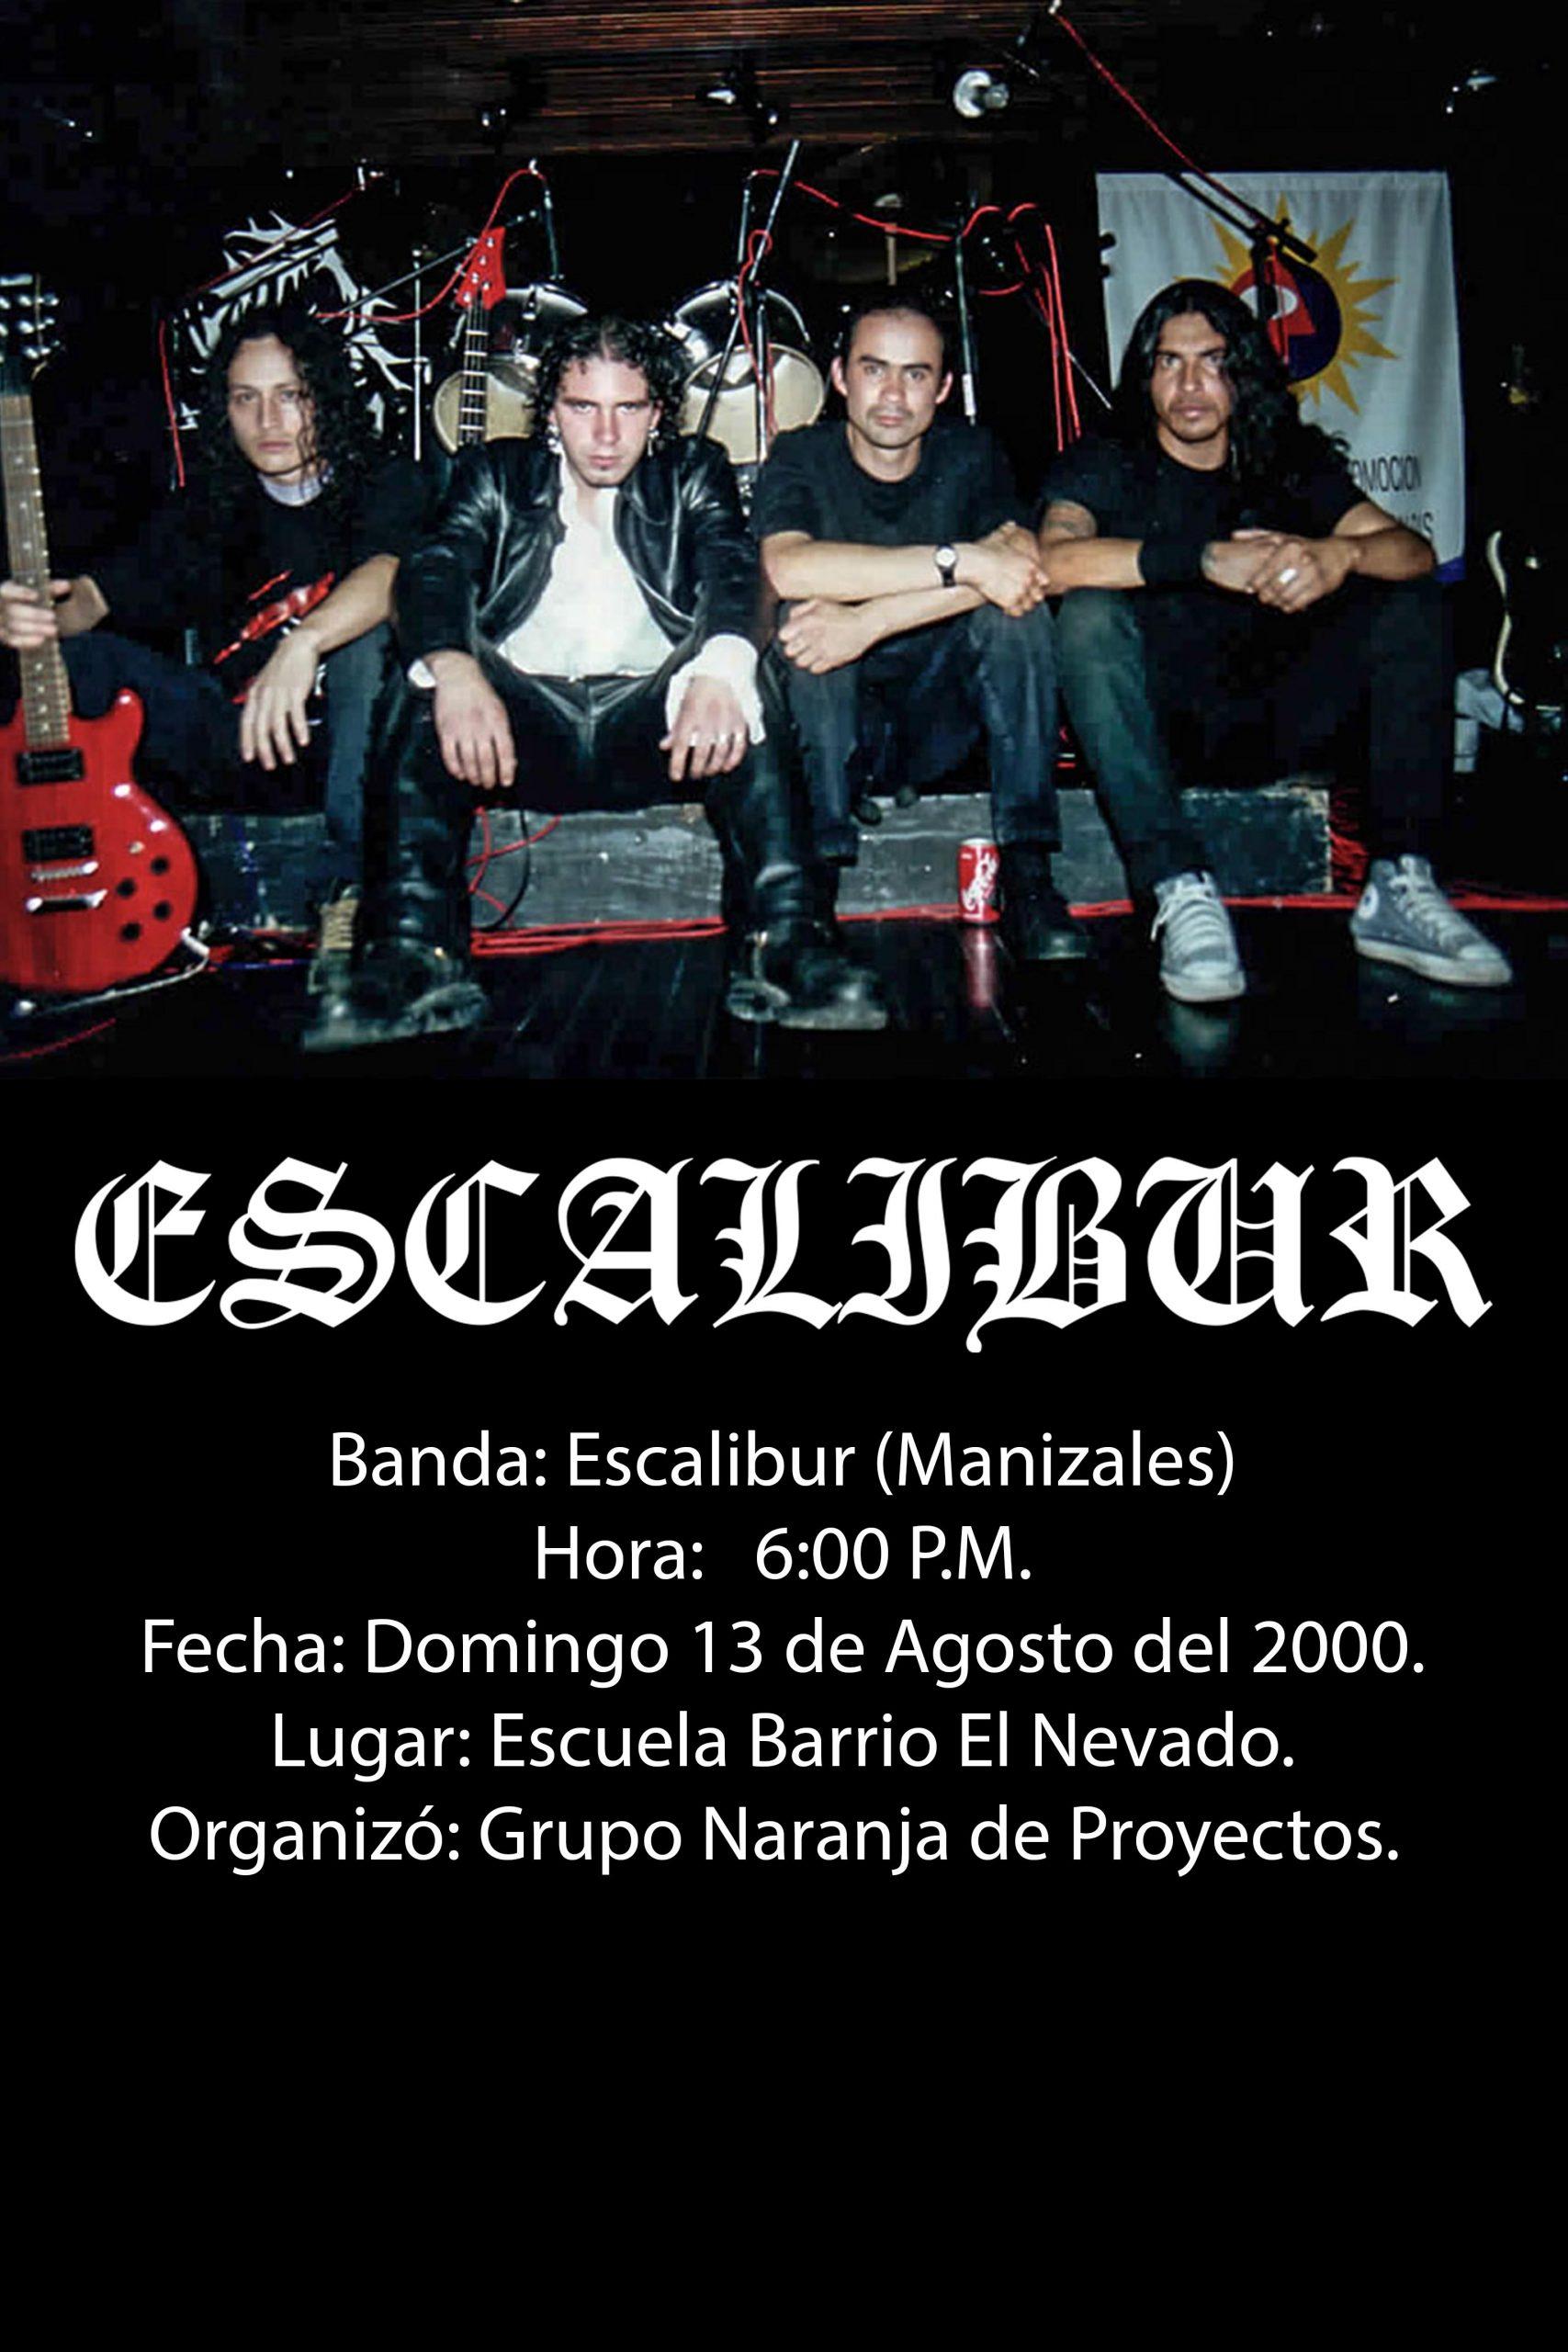 Escalibur